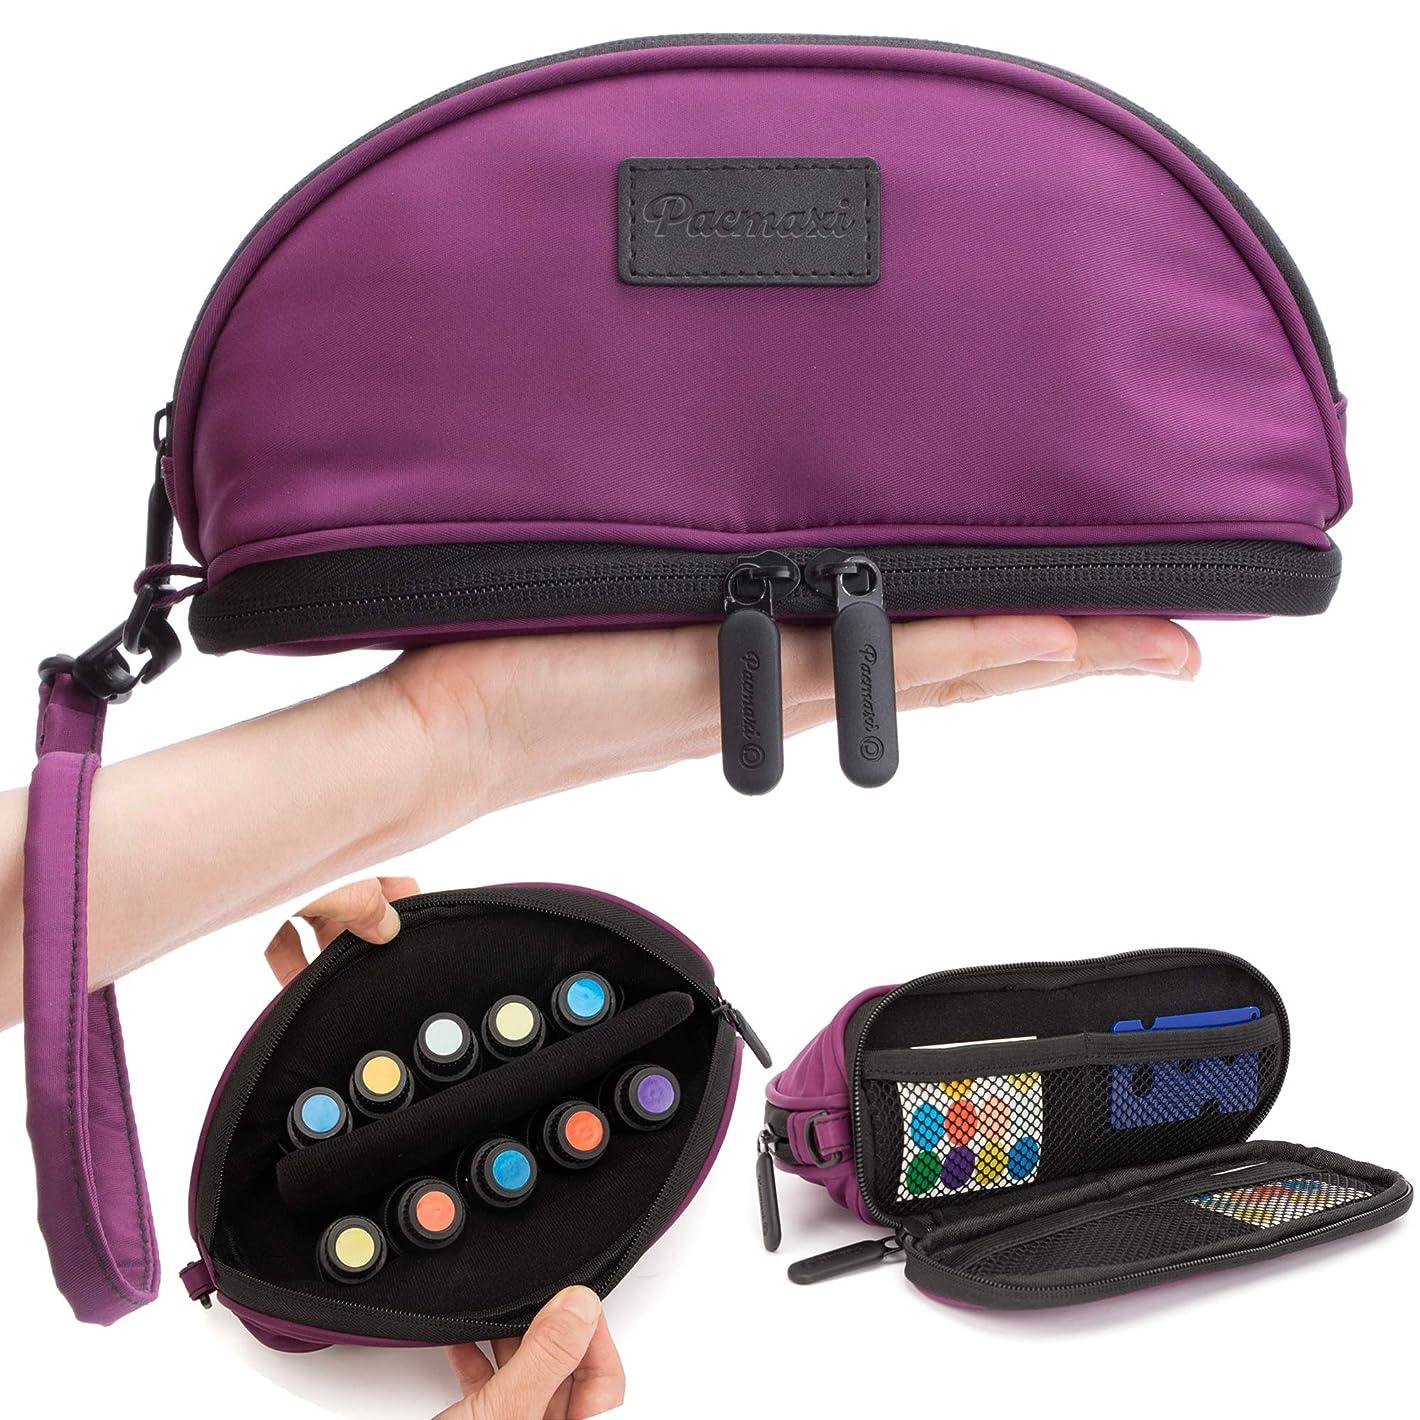 アイロニールーアピール[Pacmaxi]エッセンシャルオイル 収納ポーチ 携帯便利 旅行 10本収納(5ml - 15ml) ナイロン製 撥水加工 ストラップあり (パープル)